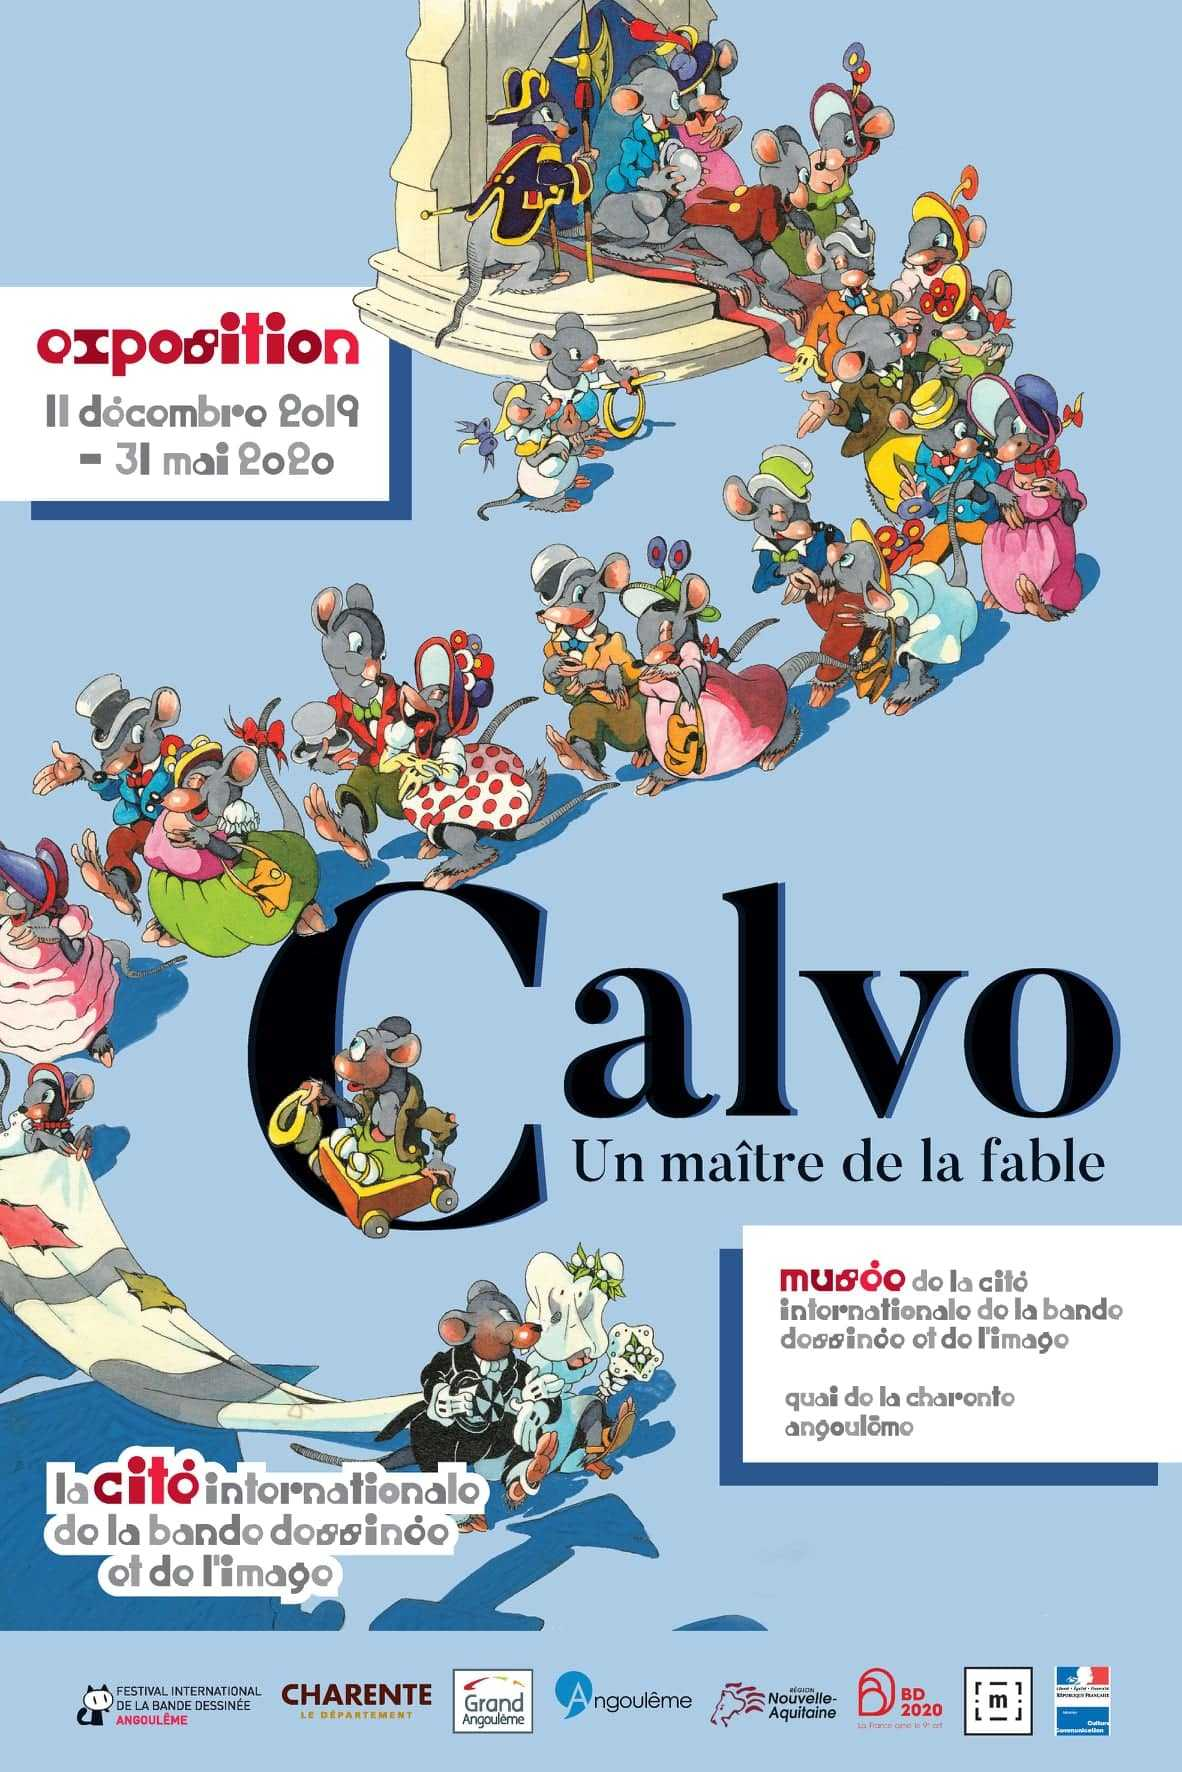 Calvo maître de la fable à Angoulême, une expo à ne pas ...